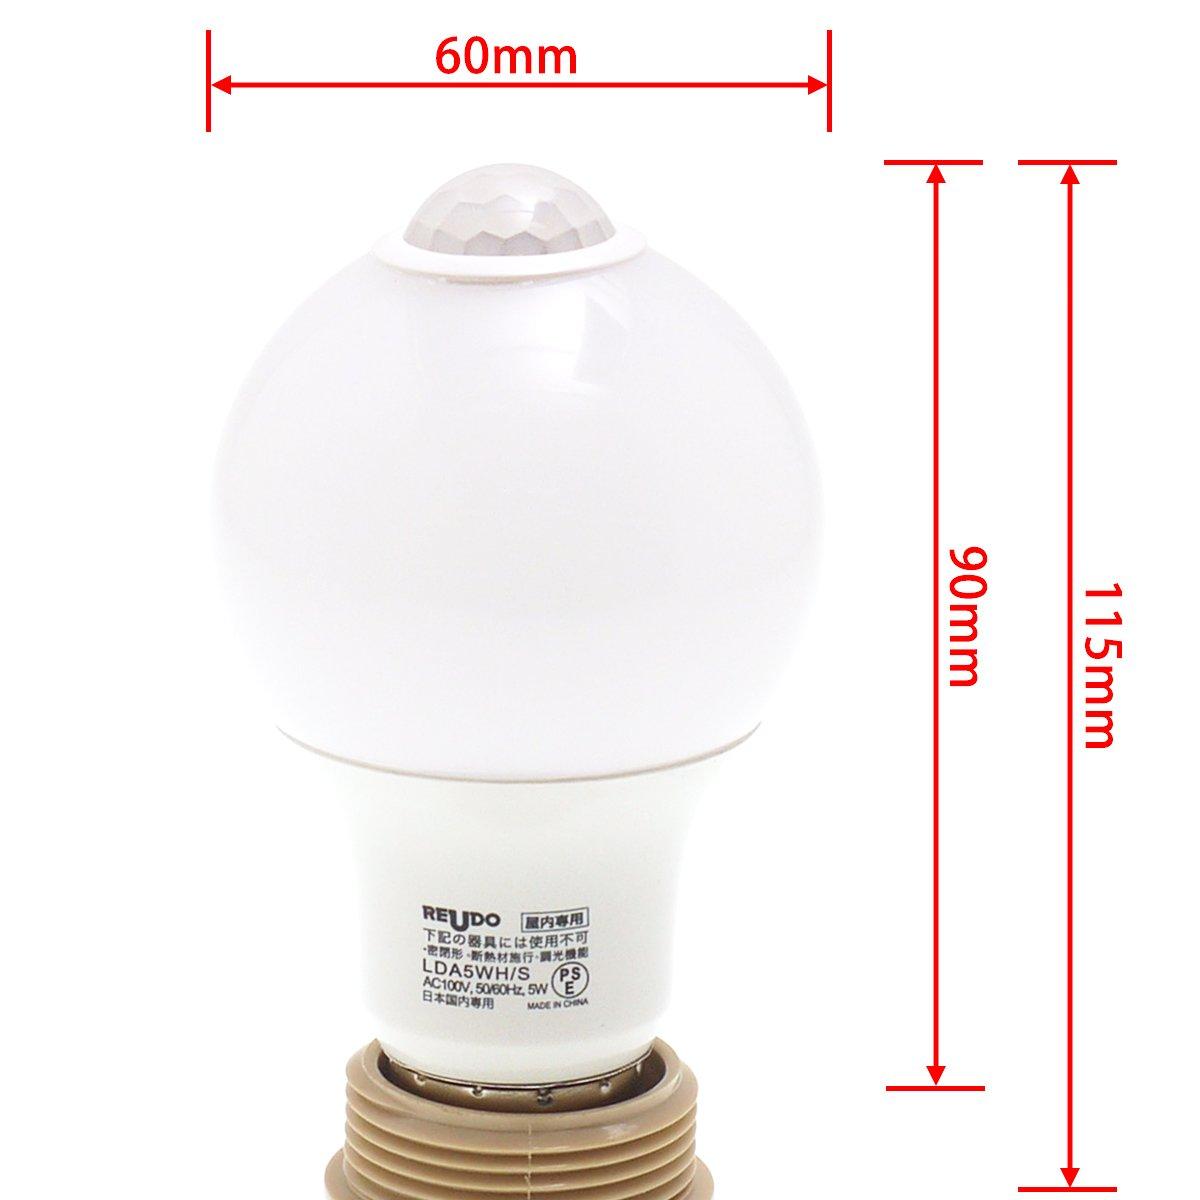 電球の大きさ